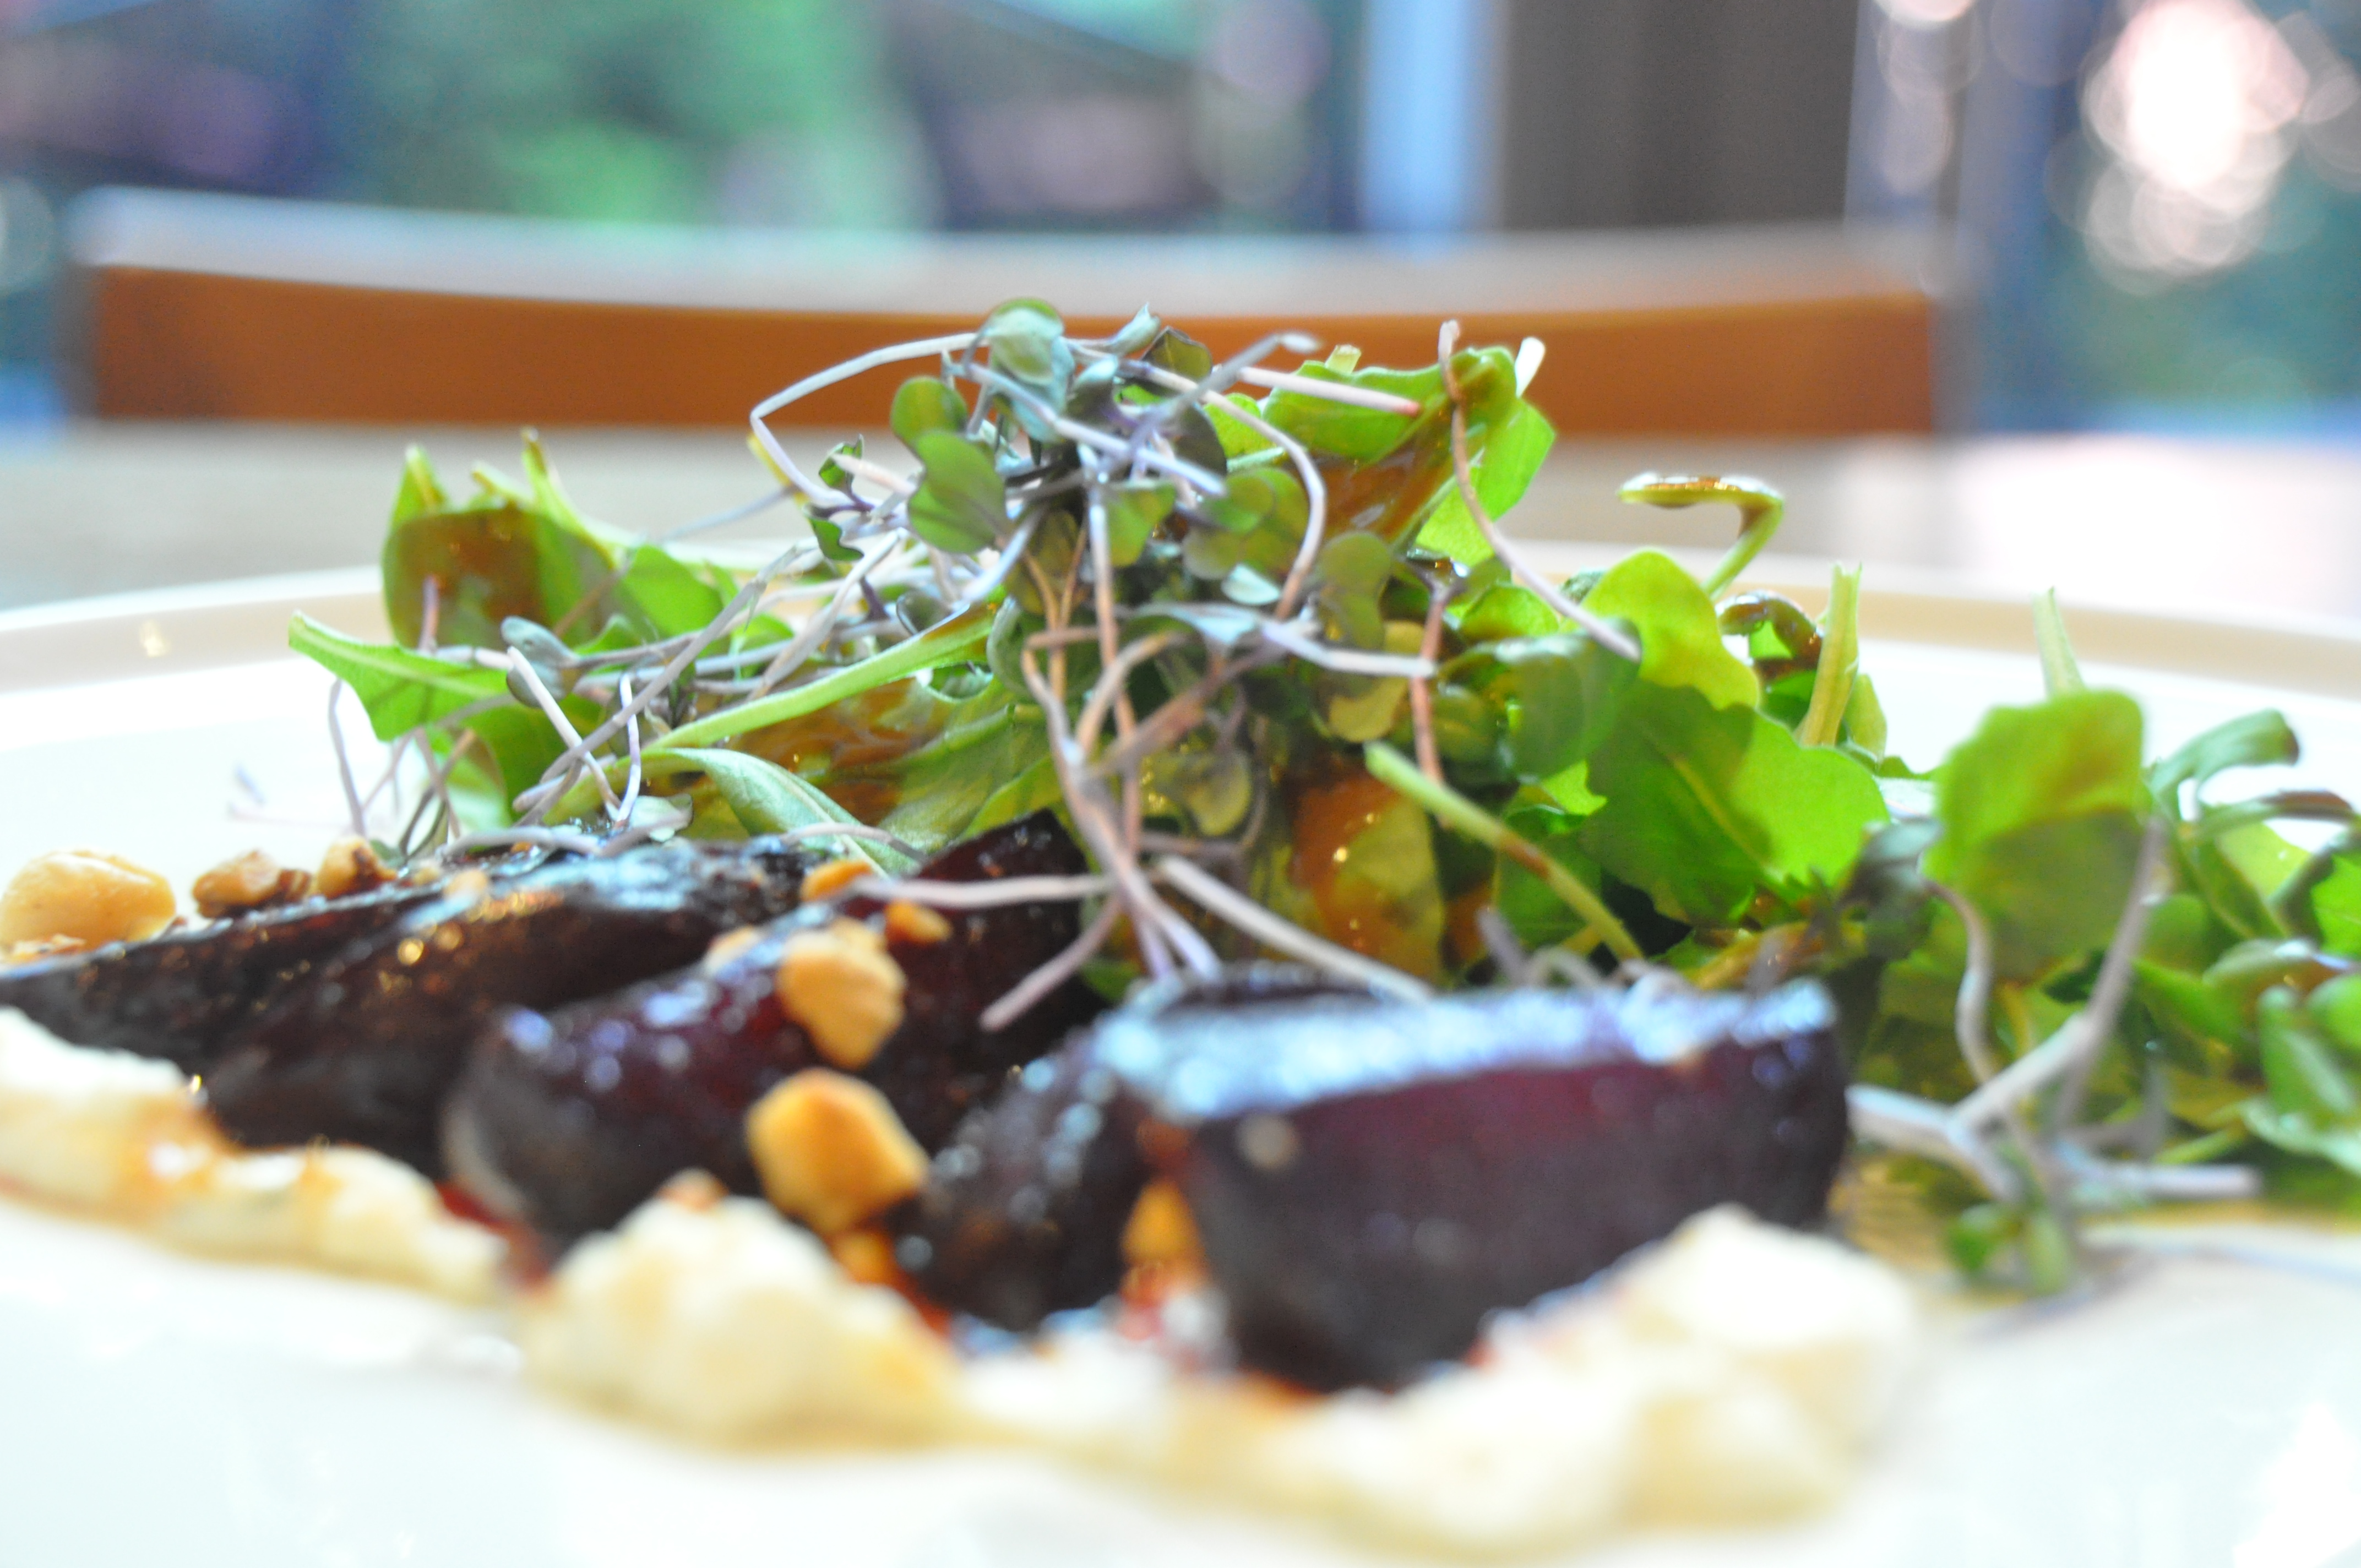 OXBO RECEPT – Salata od cikle s kremom od feta sira i limuna